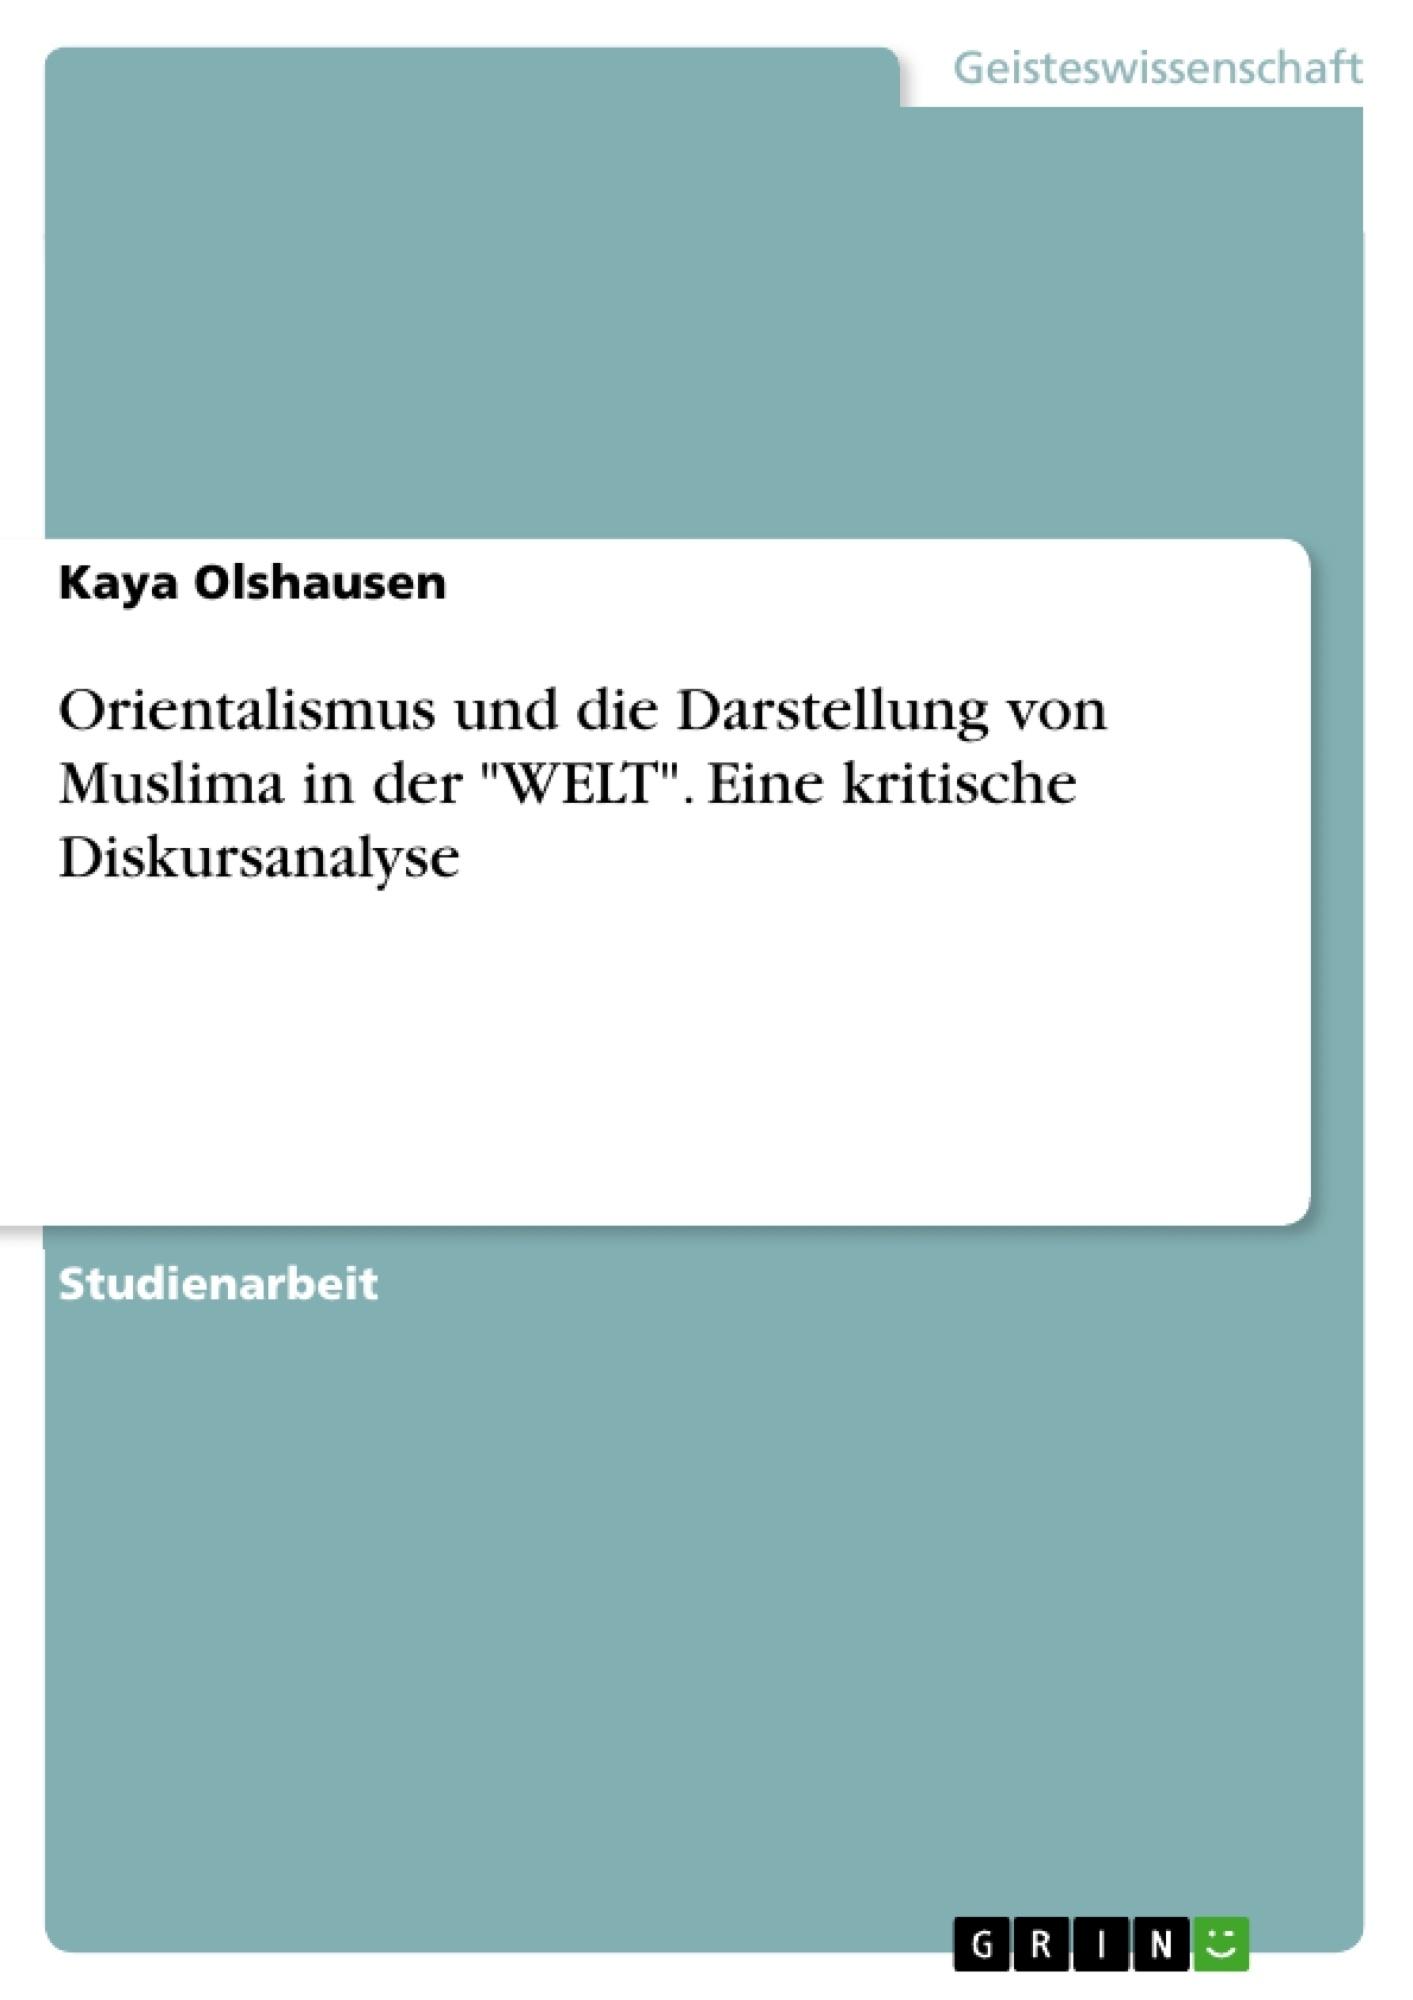 """Titel: Orientalismus und die Darstellung von Muslima in der """"WELT"""". Eine kritische Diskursanalyse"""